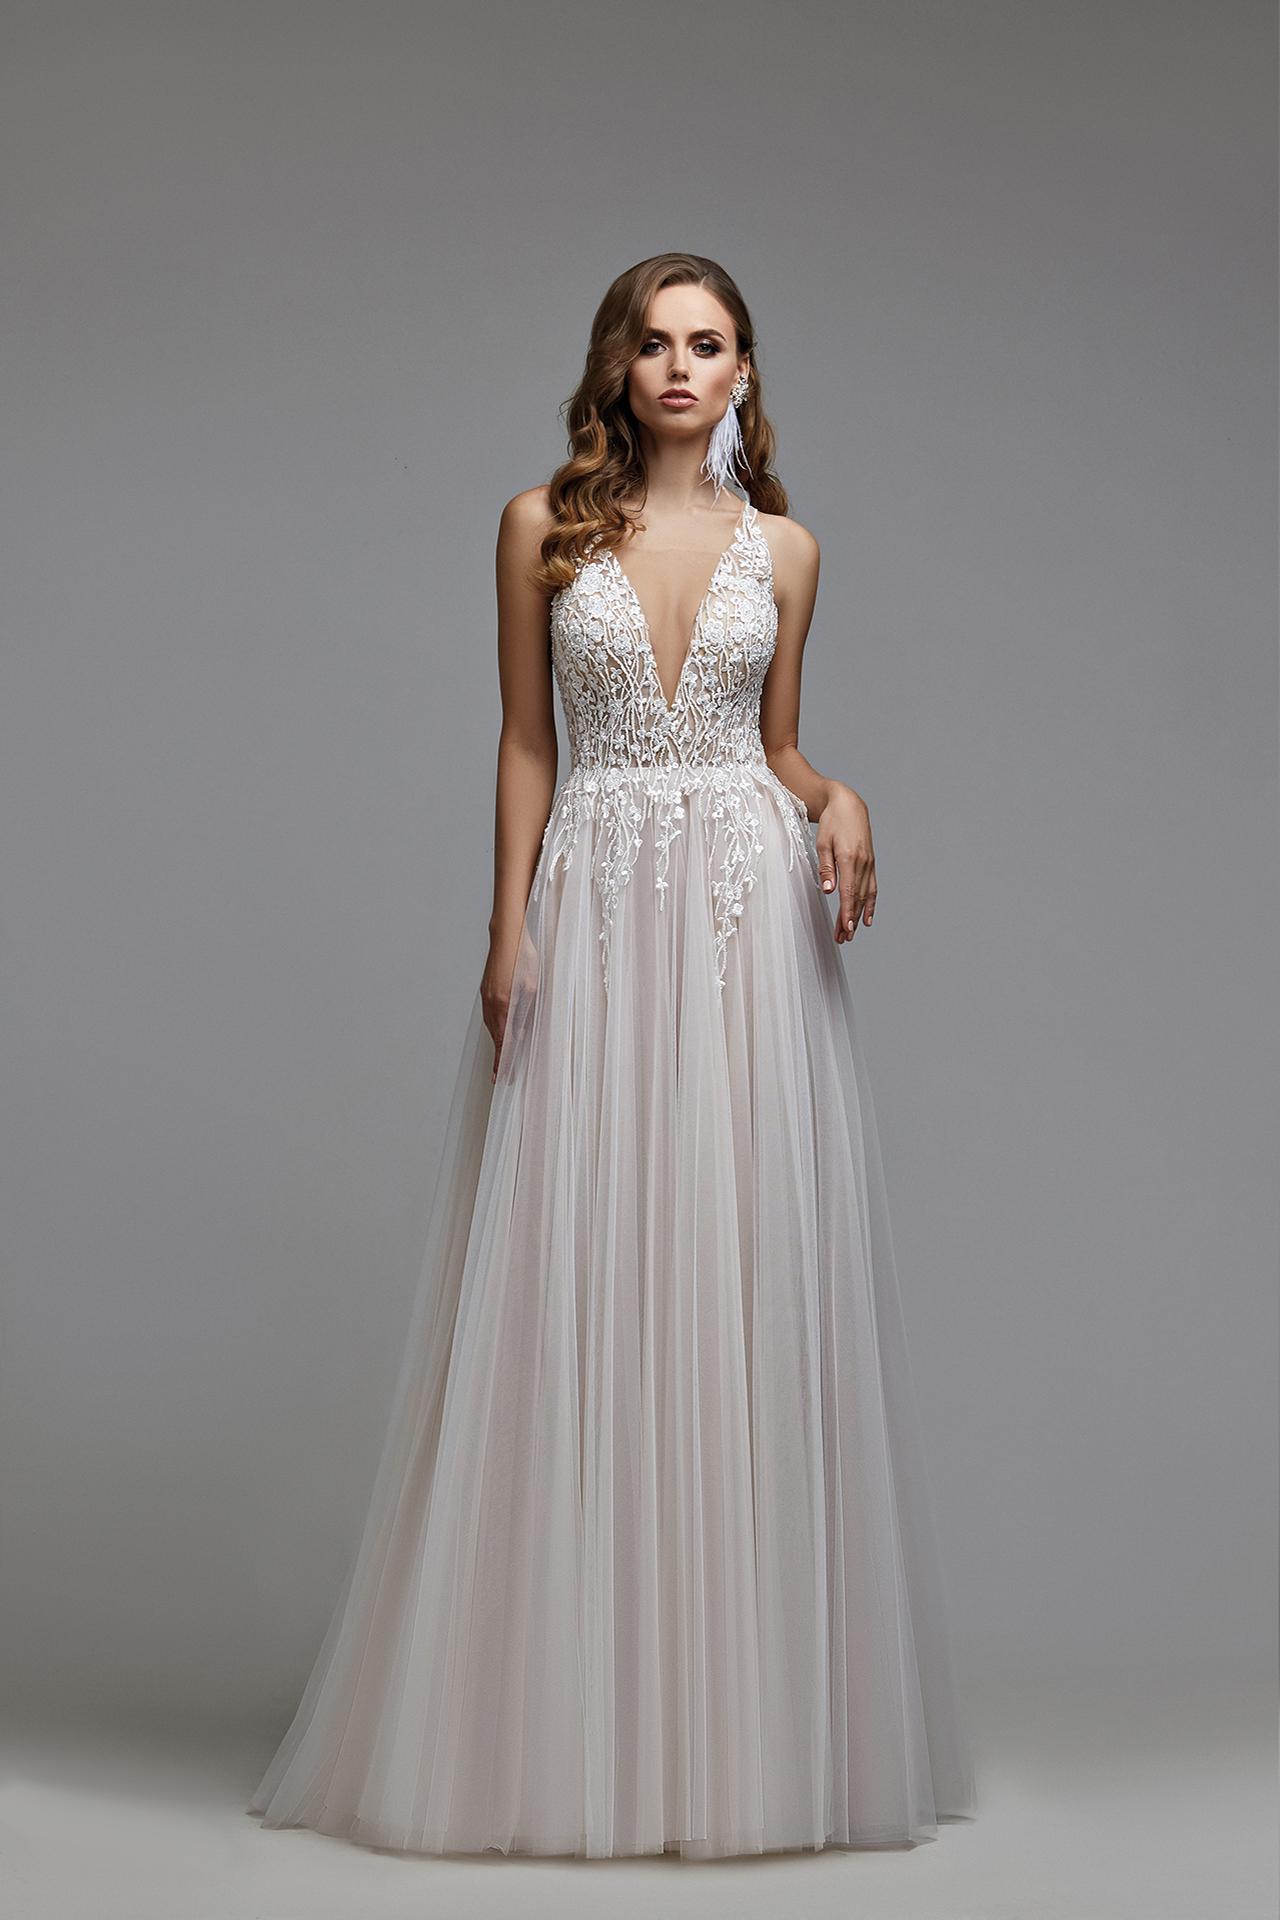 Buy Online Wedding Dress Teresa A Line Sleeveless V Neckline